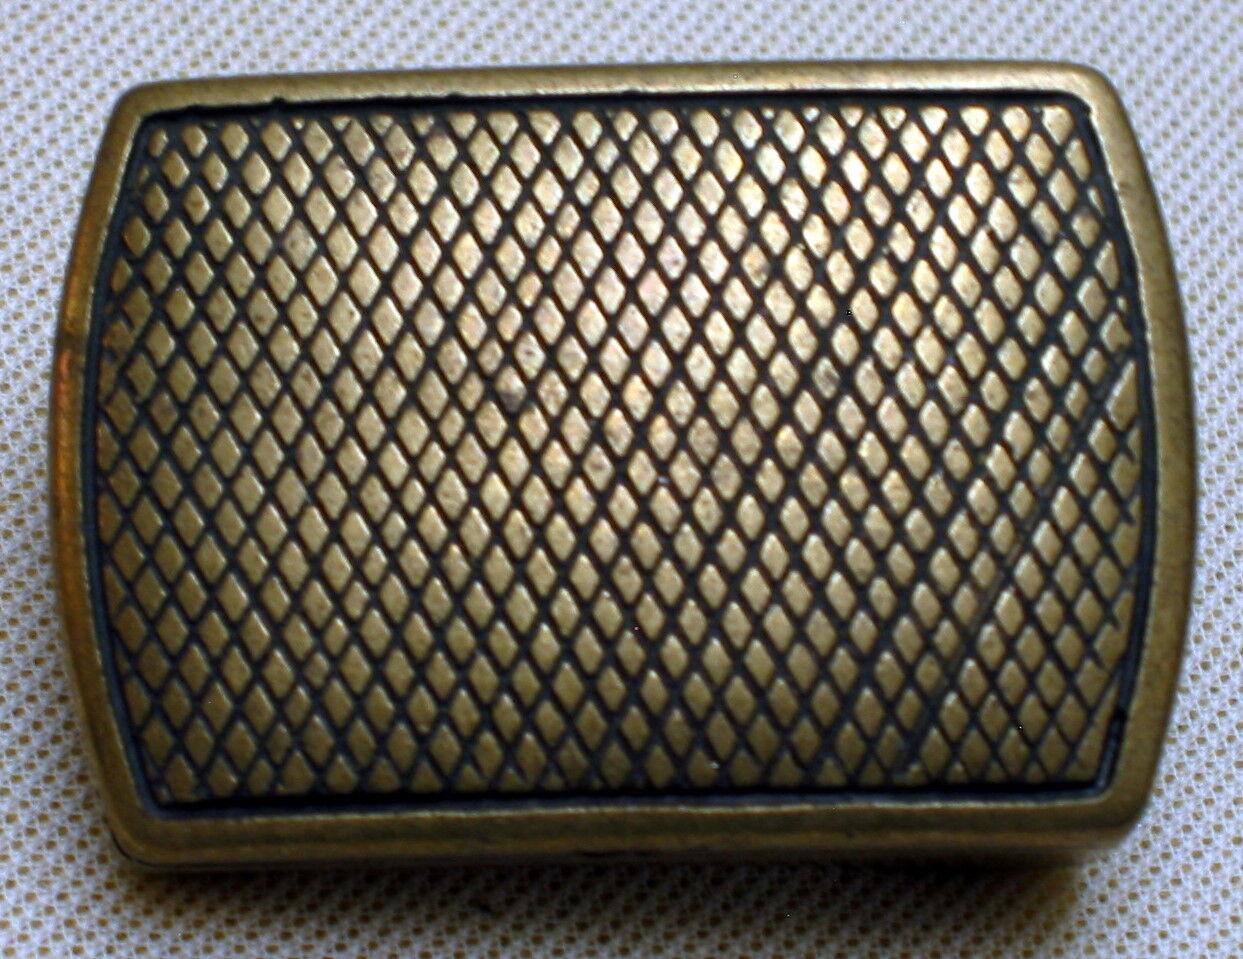 TOP Gürtelschnalle ELEGANT Premium NEU für 3cm breite GÜRTEL Farbe: ALTMESSING #